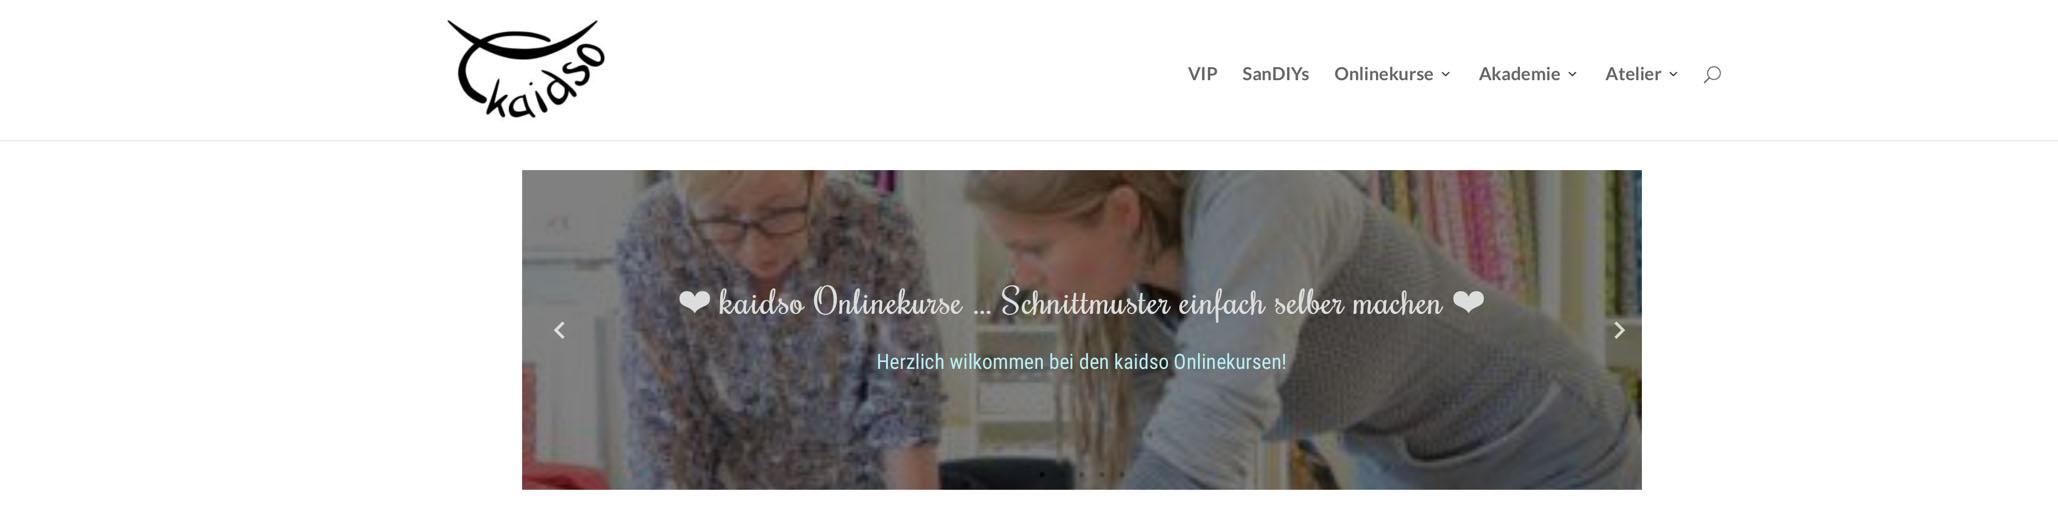 Online-Kurse mit WordPress erstellen und mit WooCommerce verkaufen 4